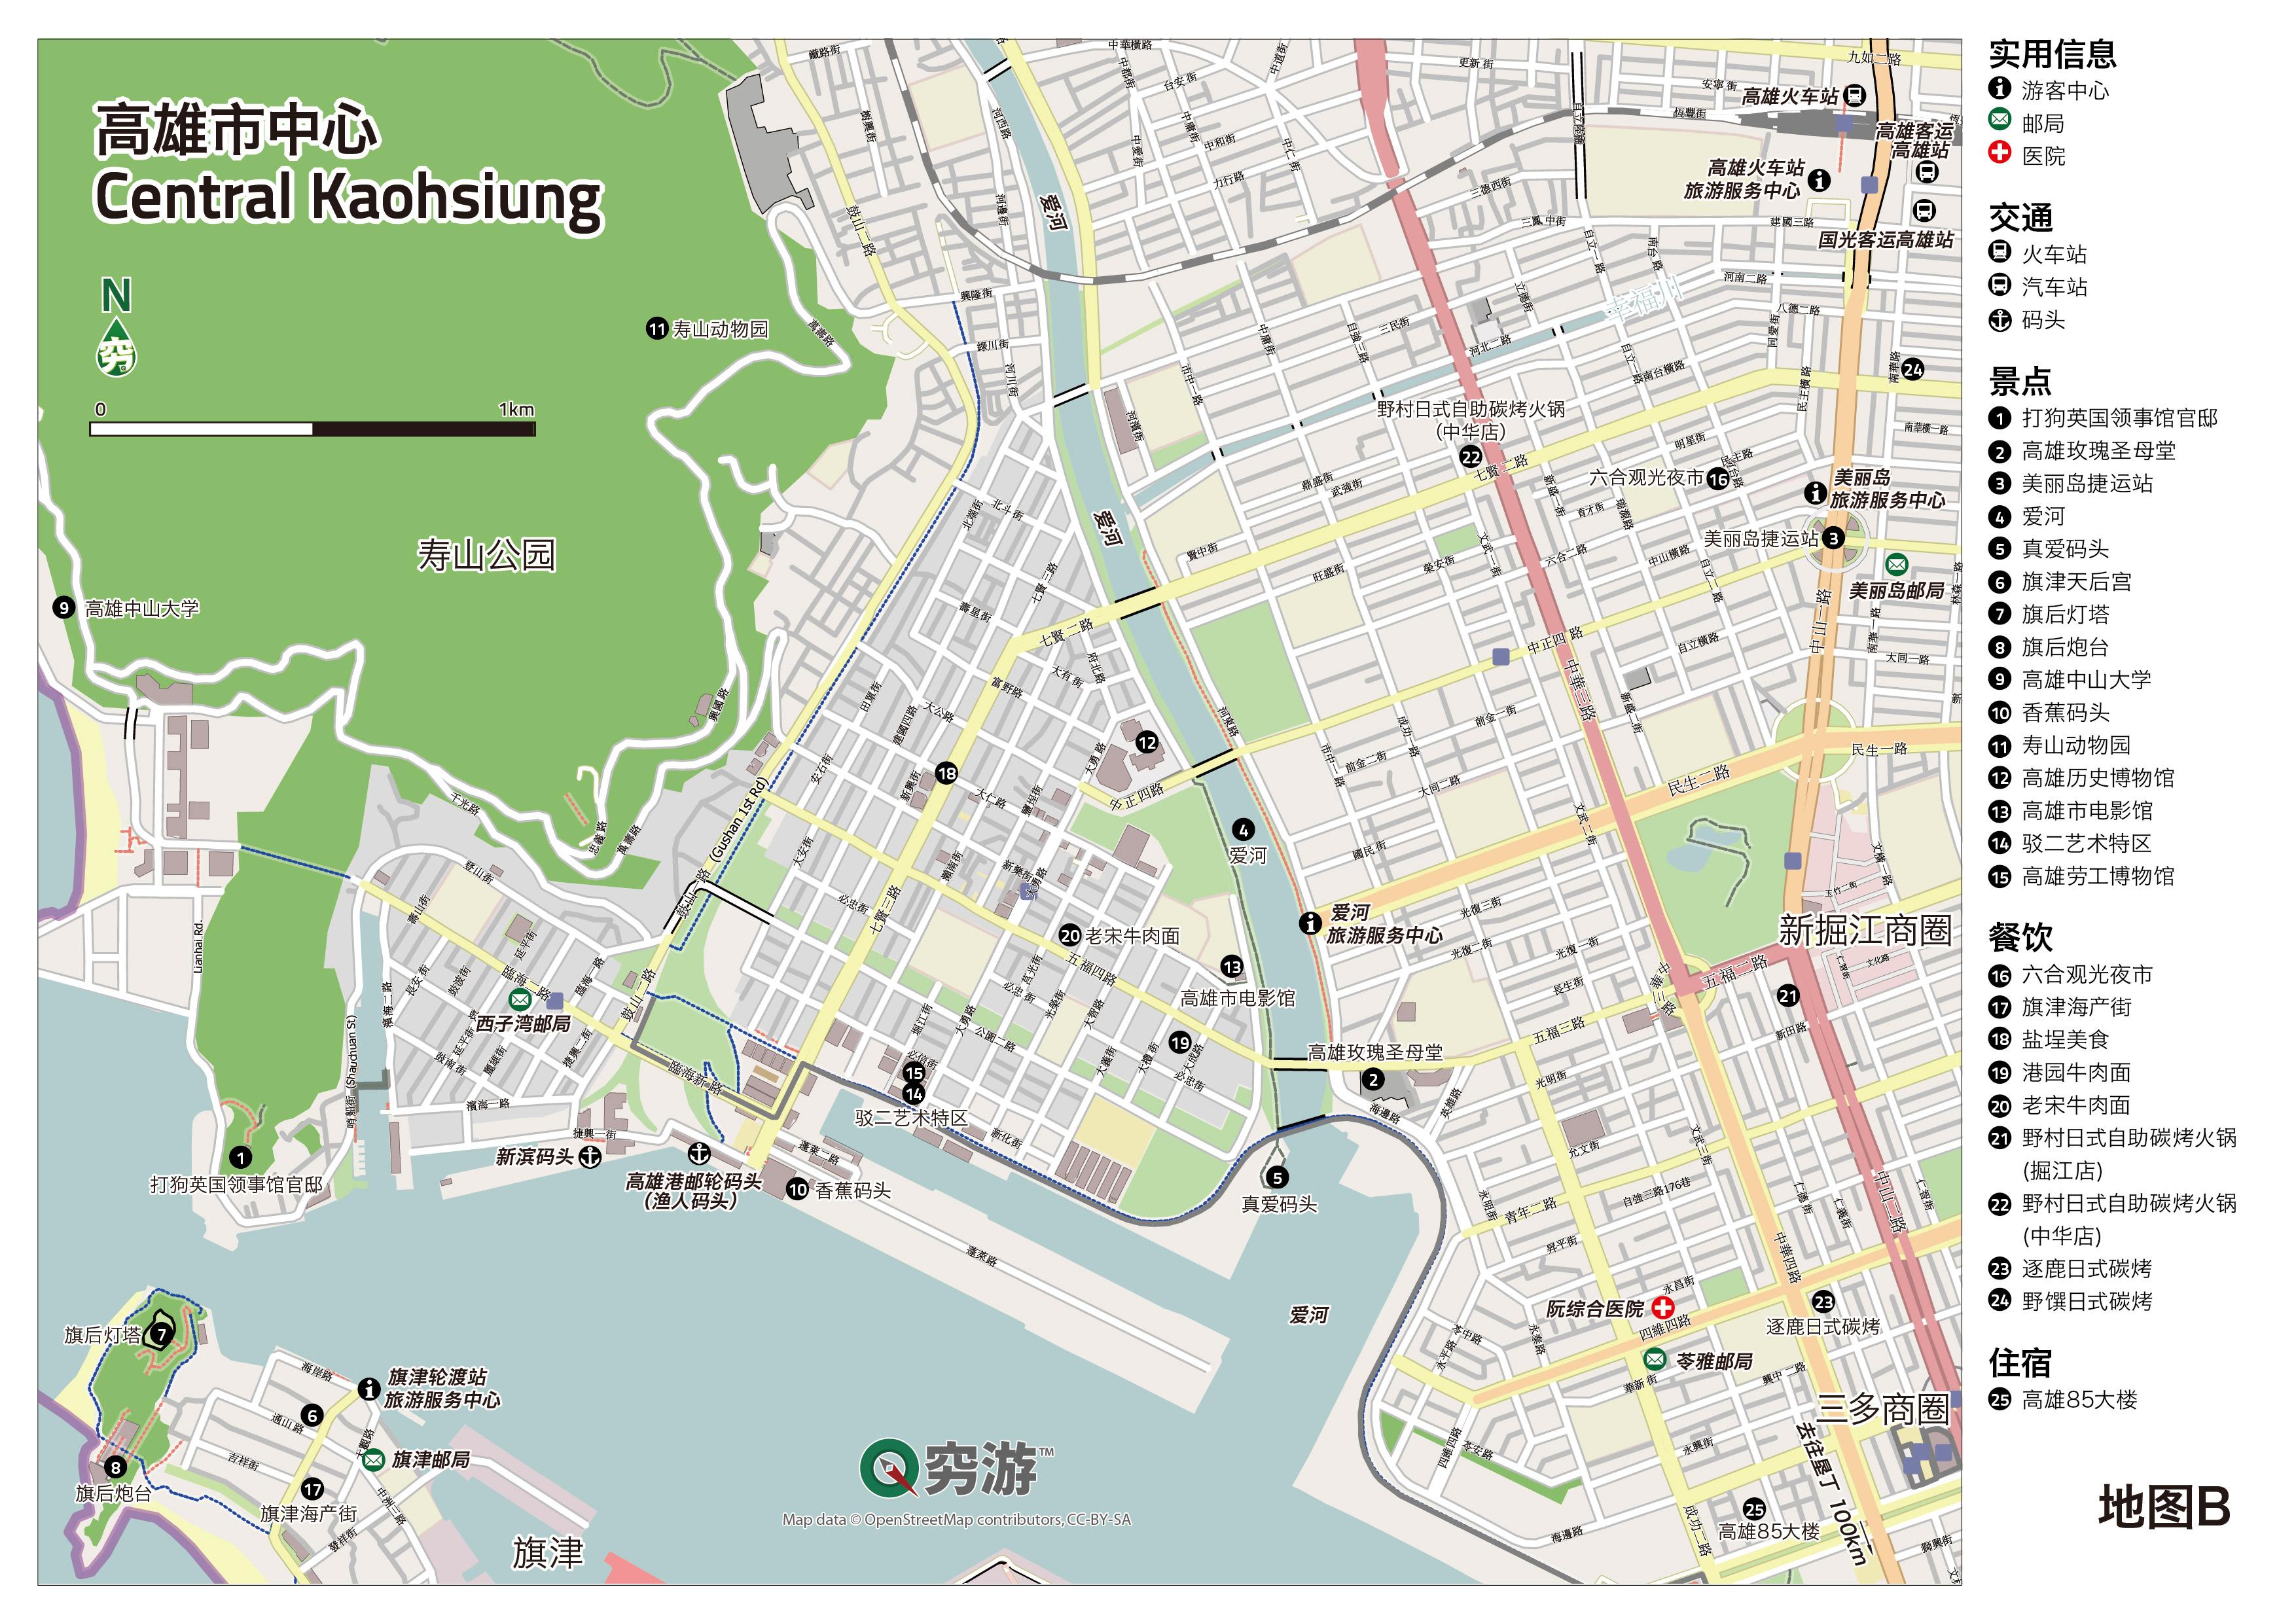 高雄市中心   地图b